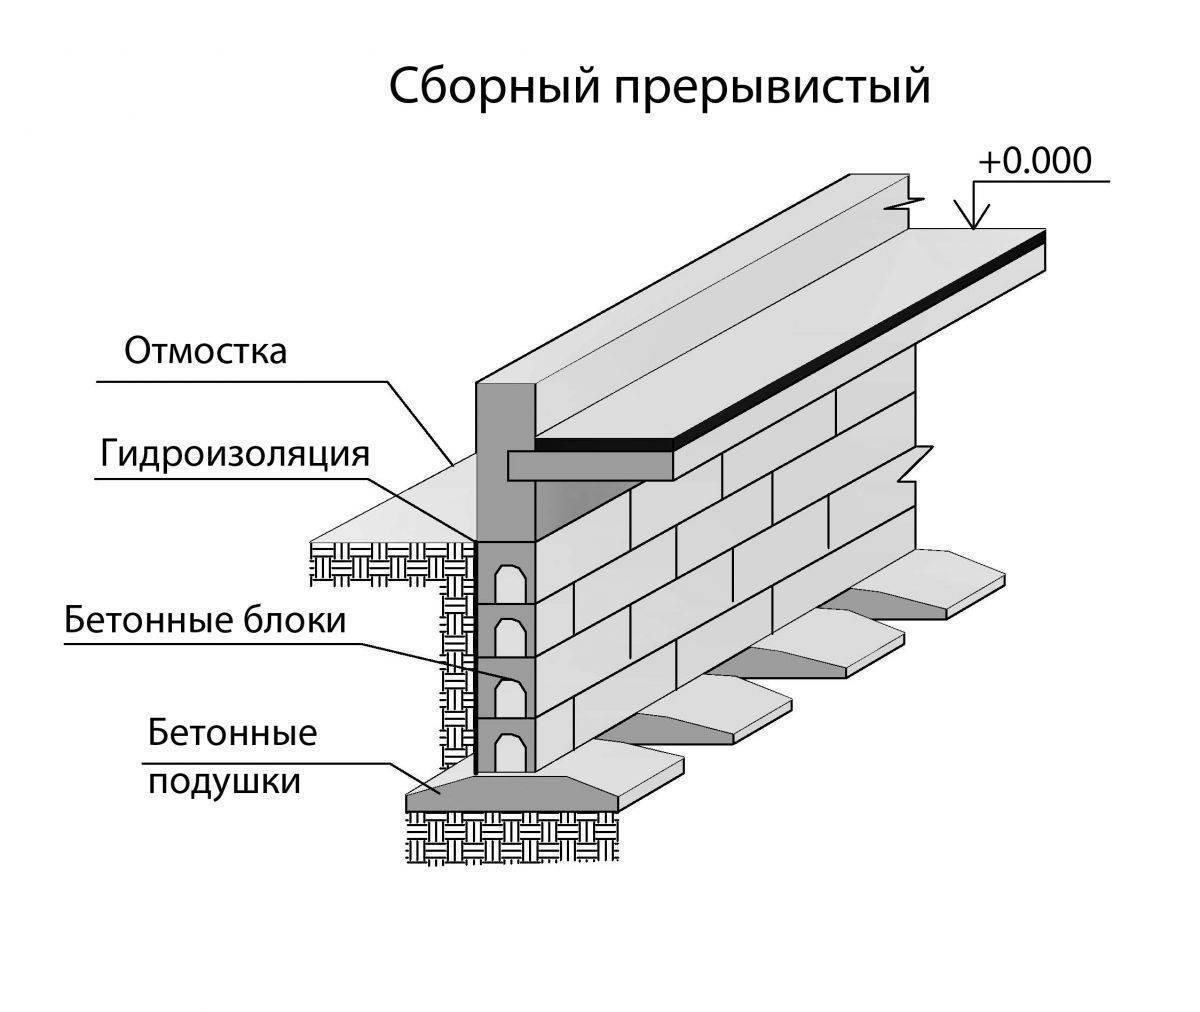 Техническая оценка фундамента уже построенного дома при покупке